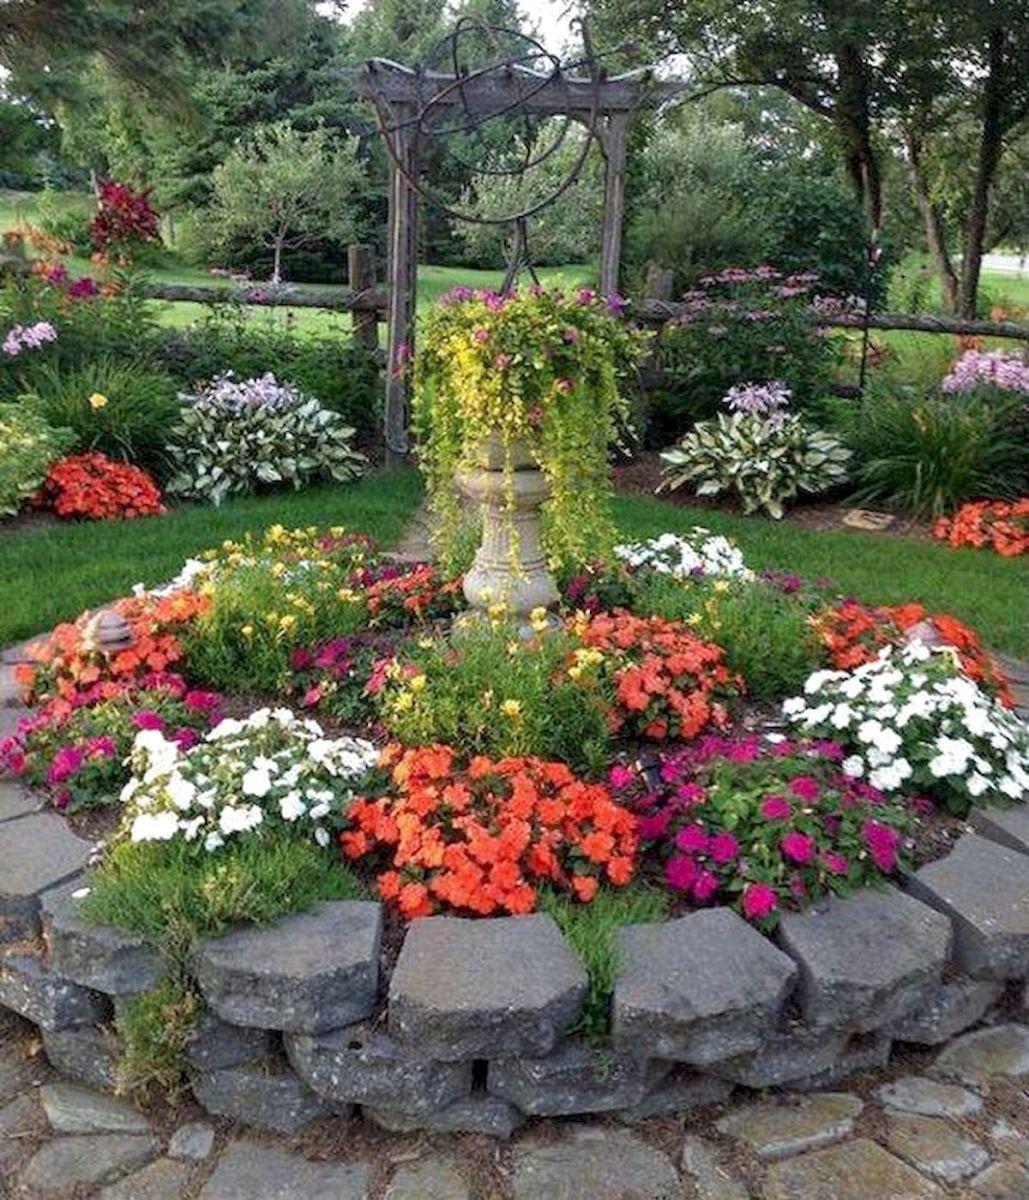 53 Beautiful Flower Garden Design Ideas About Expert Design Small Flower Gardens Garden Landscape Design Beautiful Flowers Garden